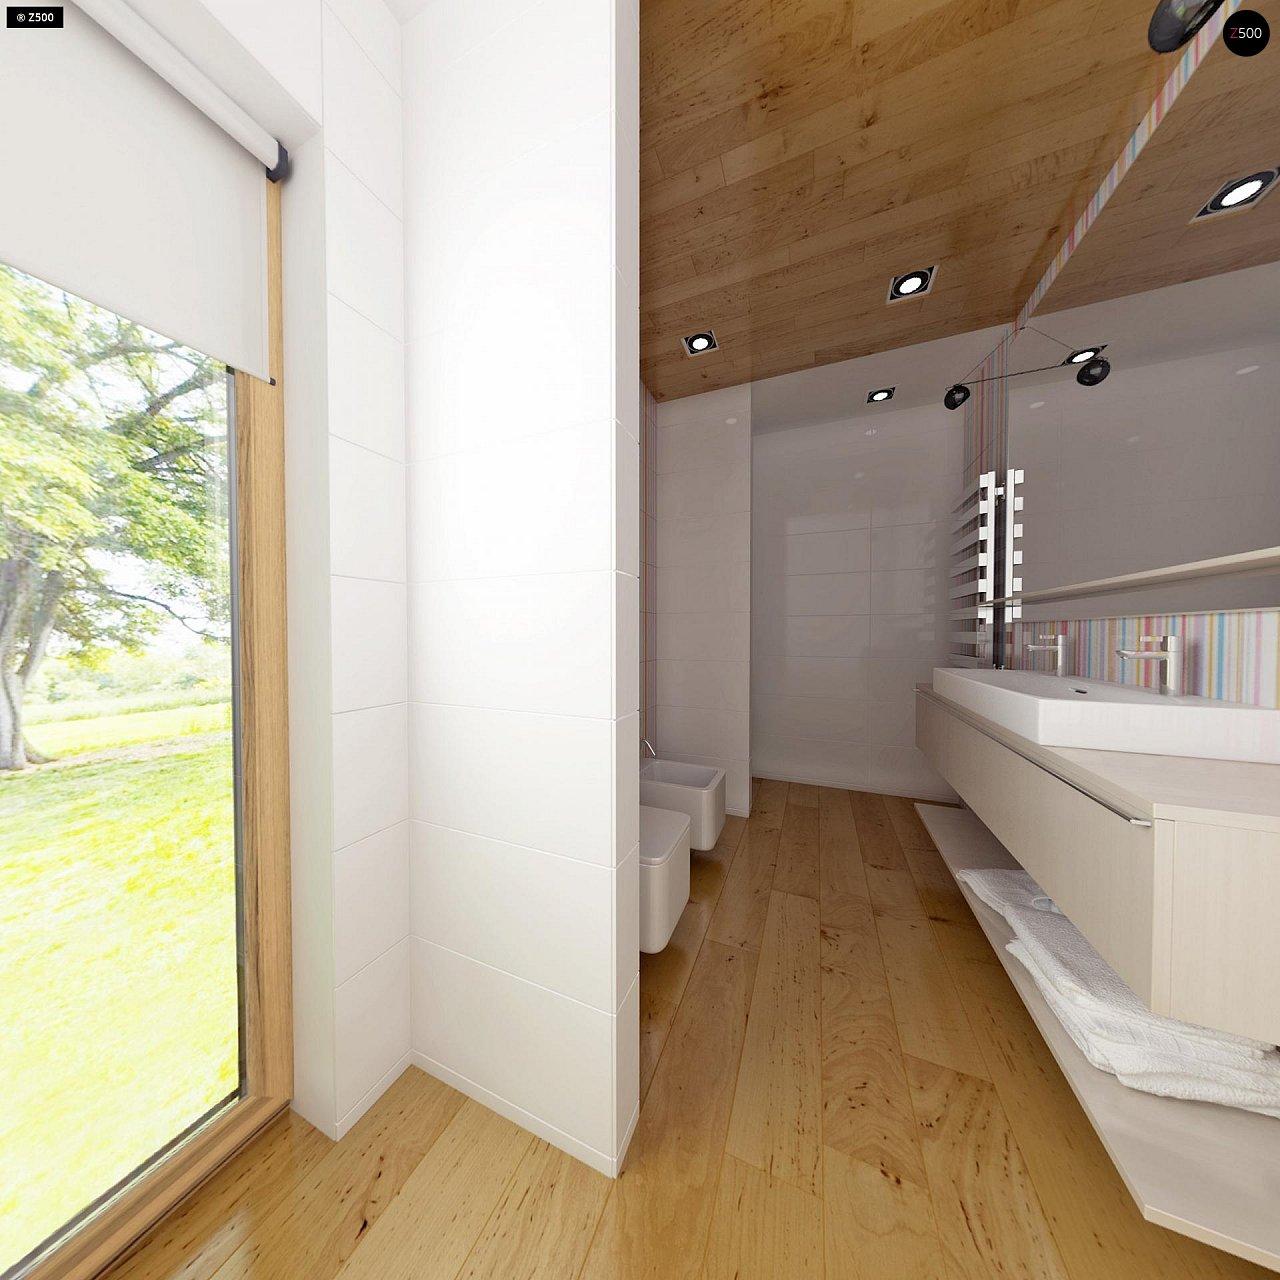 Комфортный современный дом с гаражом для двух авто и обширной террасой на втором этаже. - фото 13